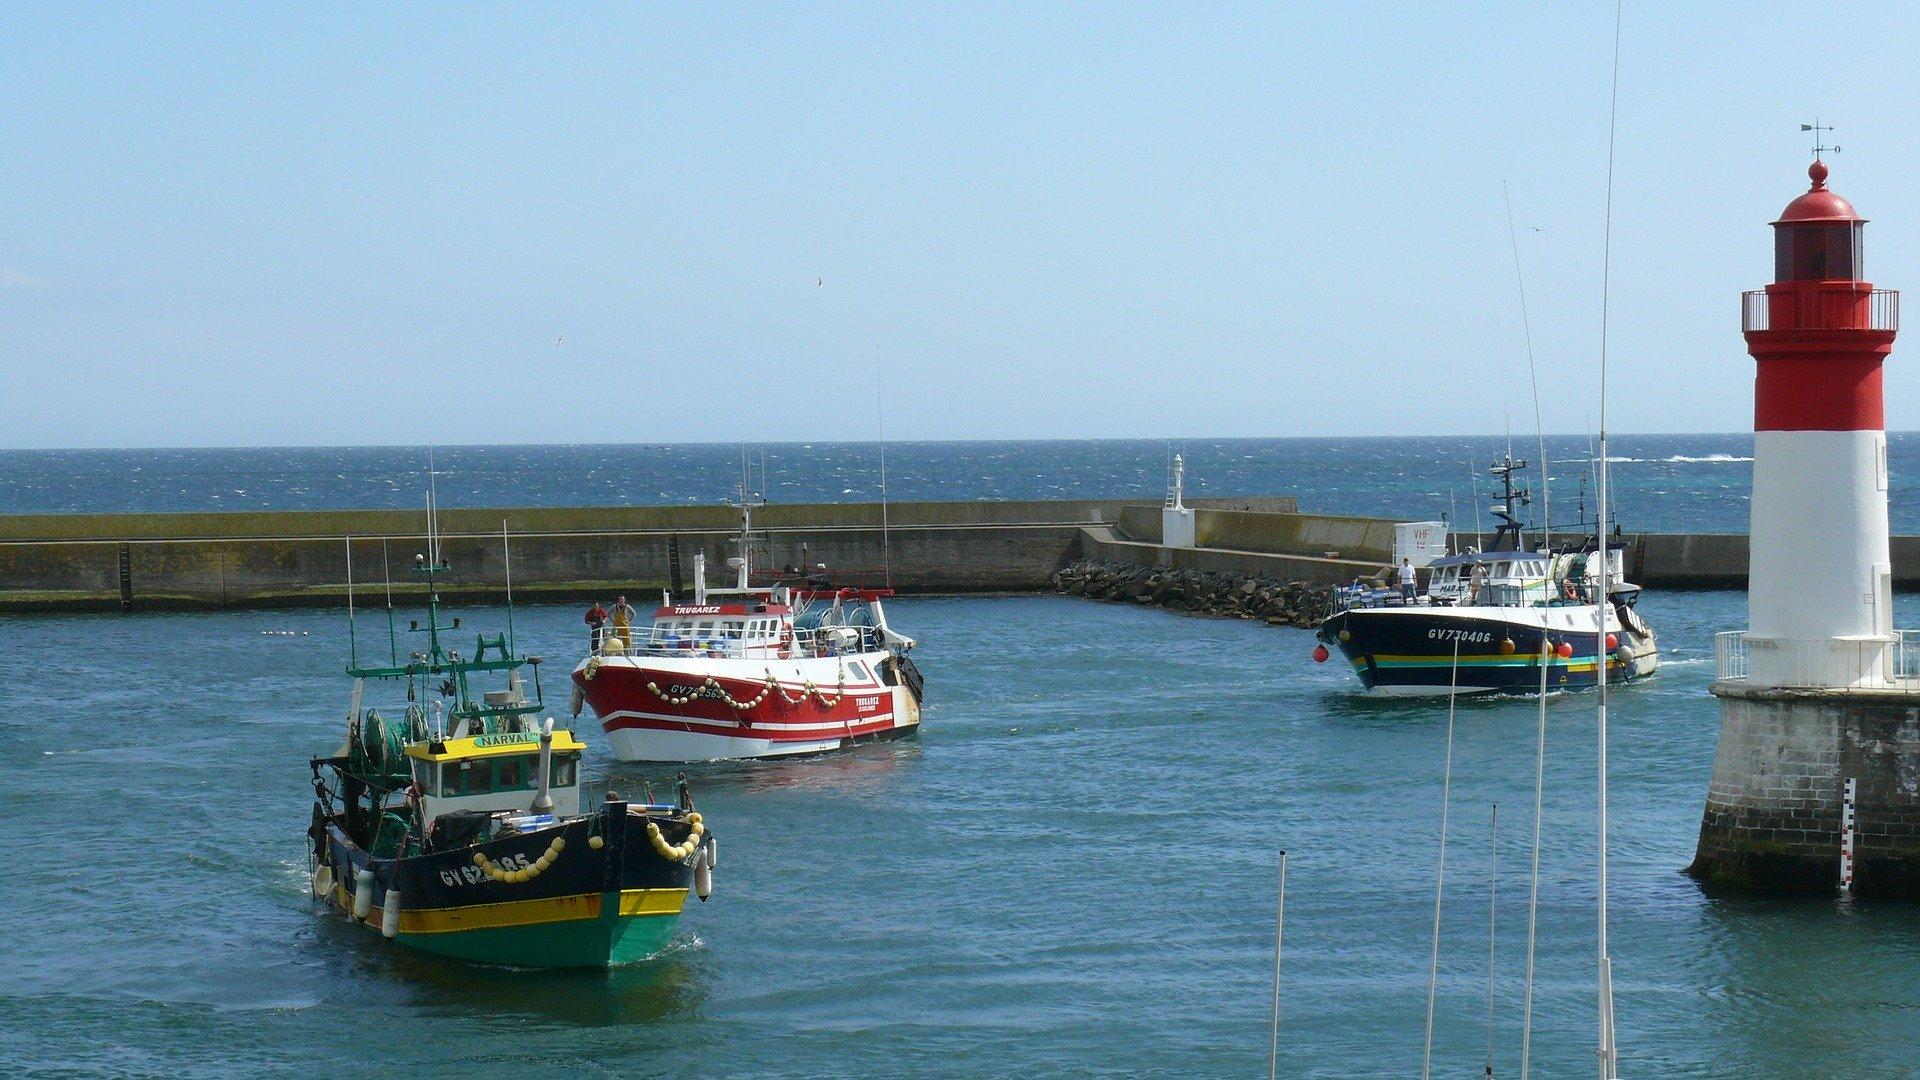 Les juges demandent aux professionnels de la pêche de consulter le public